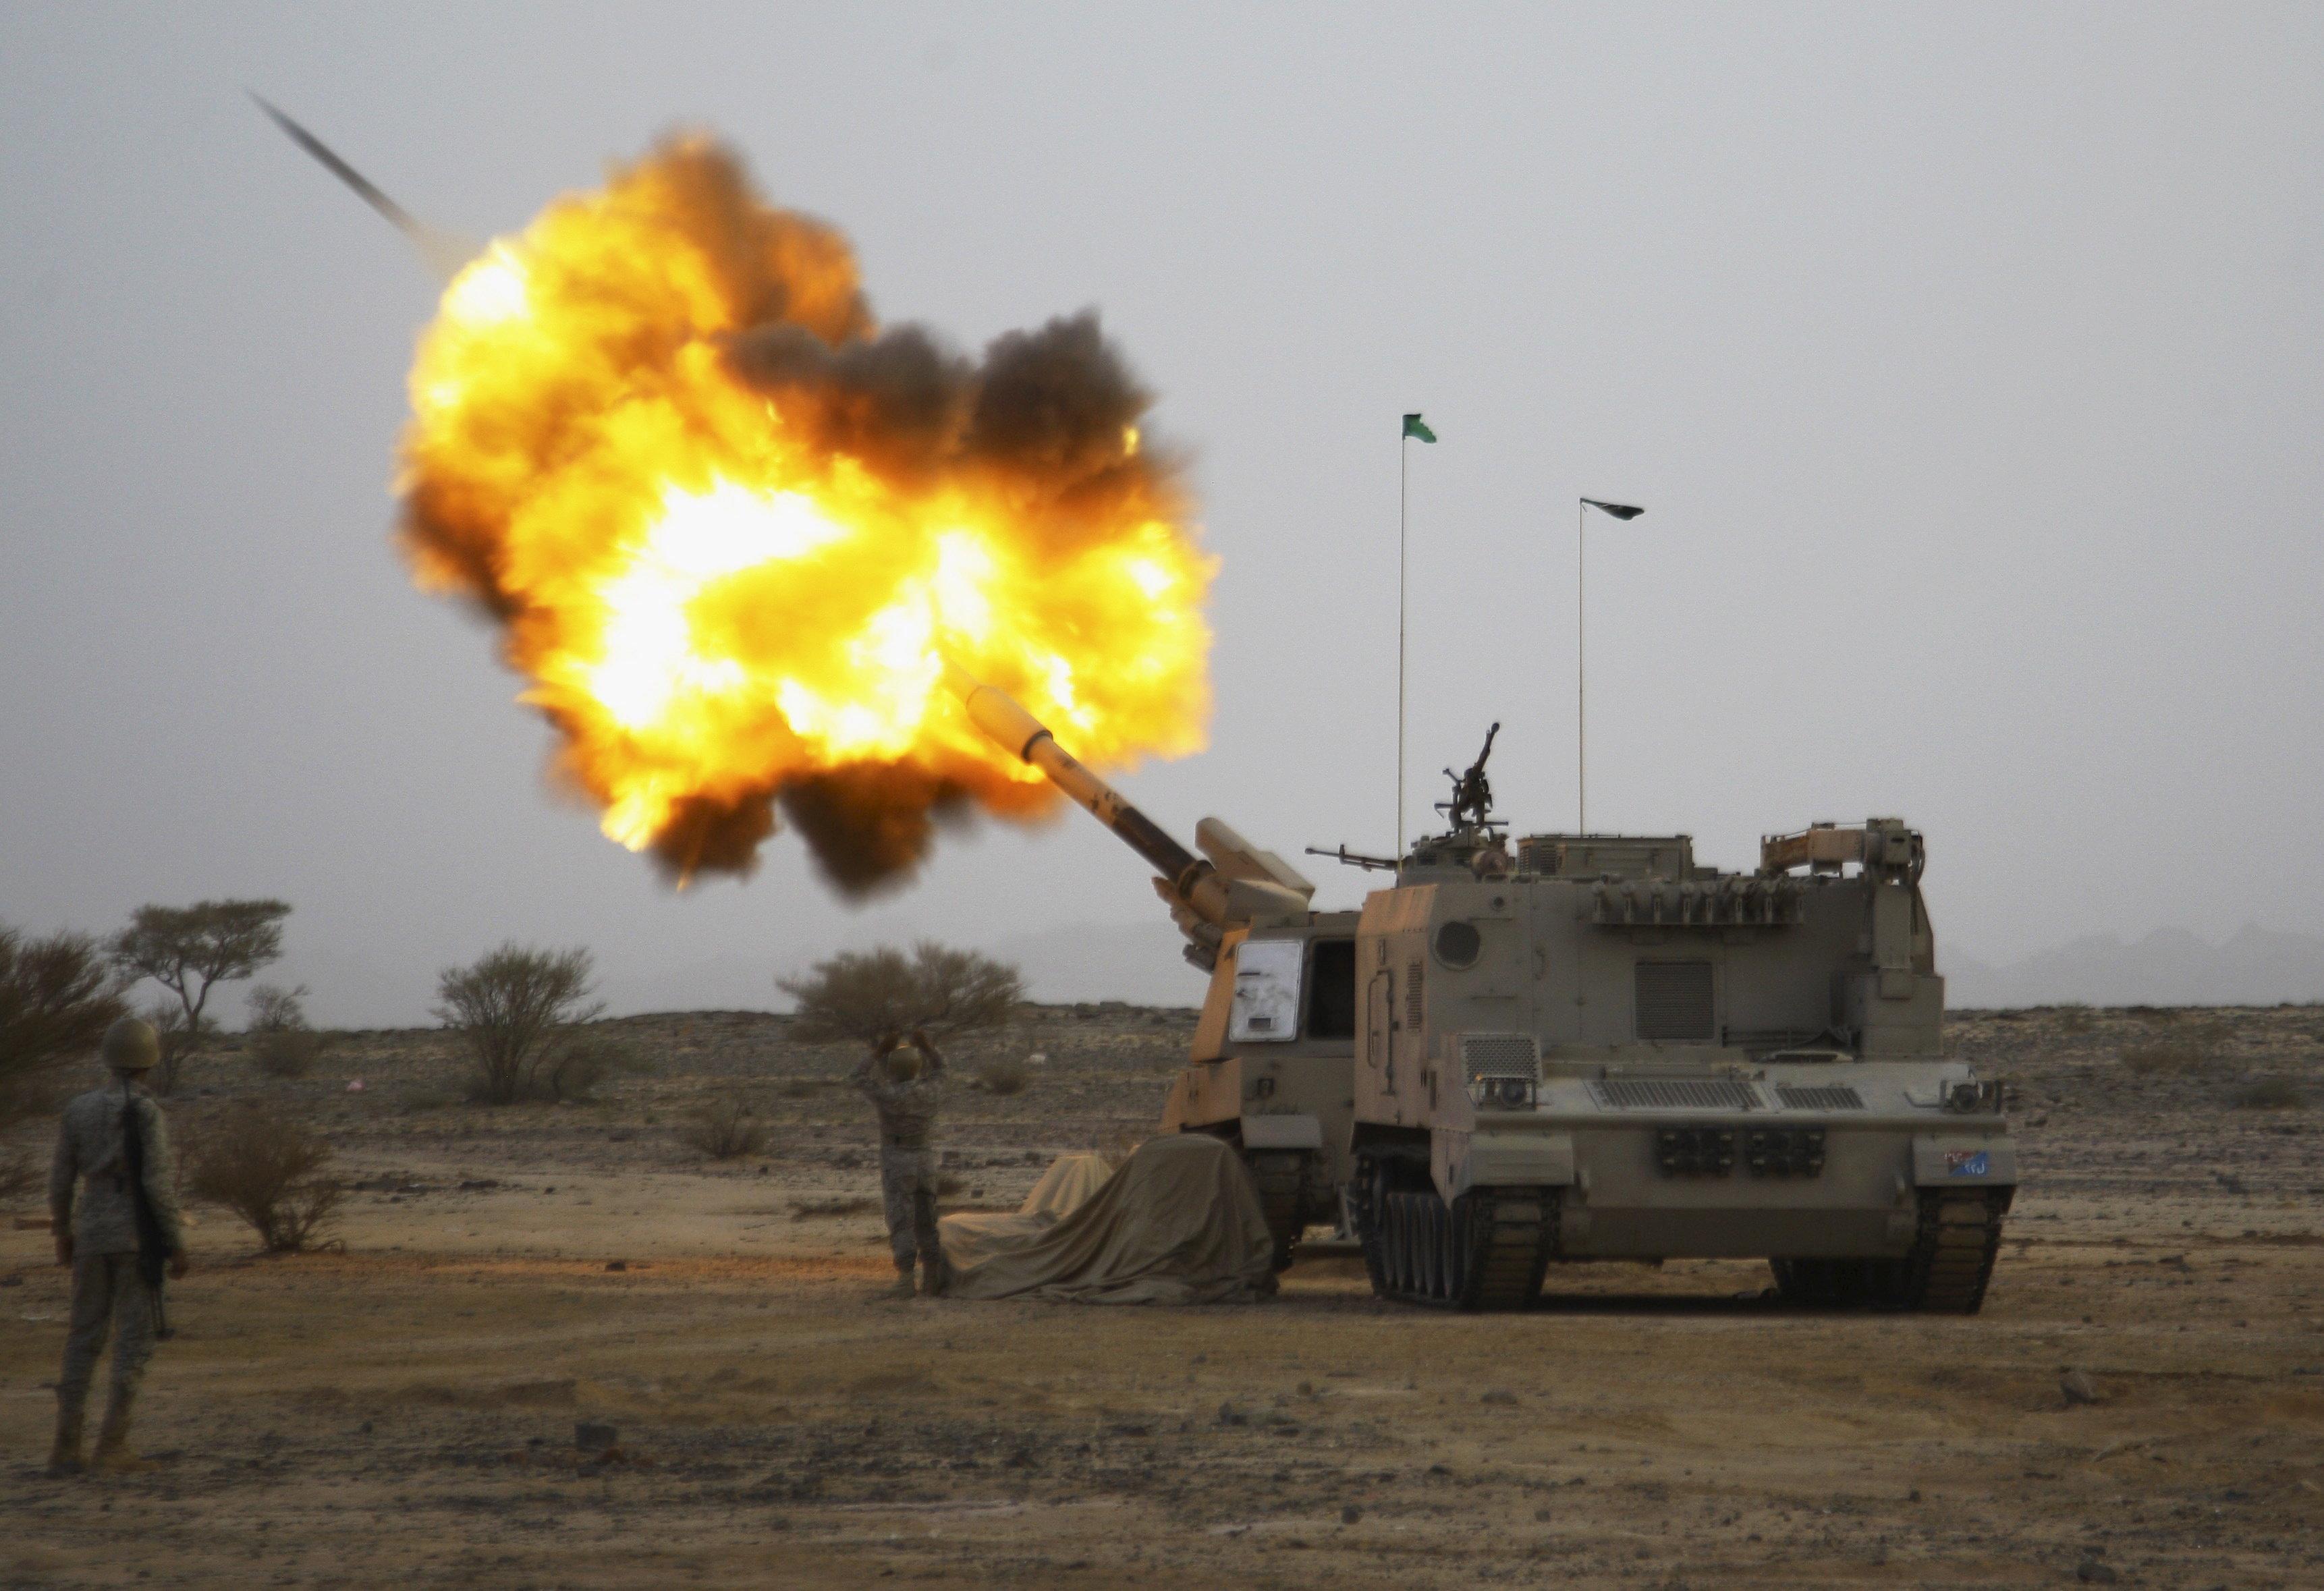 Ποιες χώρες της Δύσης πουλάνε όπλα δισεκατομμυρίων στη Σαουδική